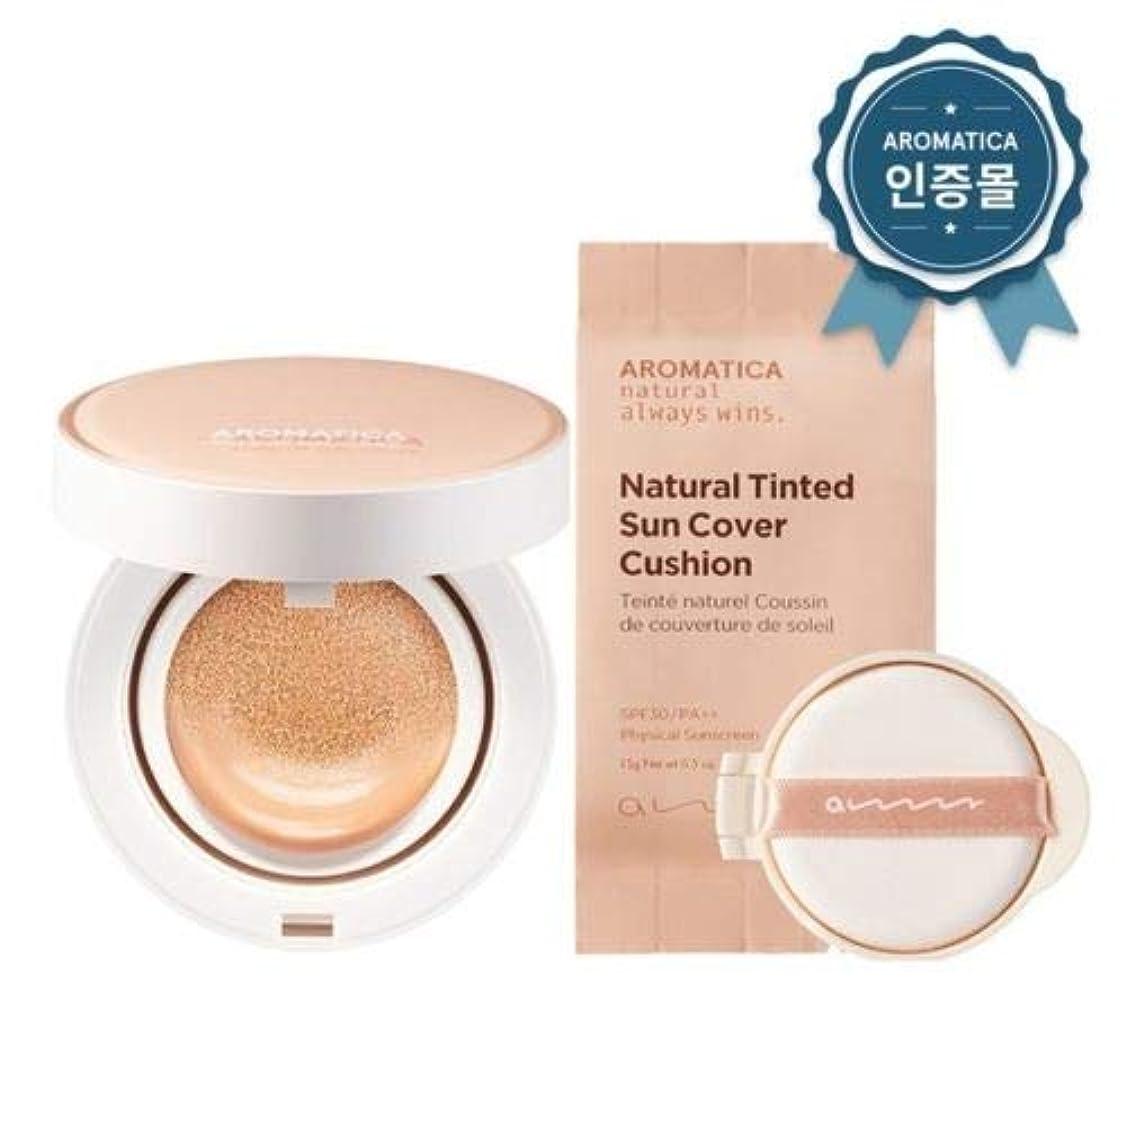 注意ほぼ乞食AROMATICA アロマティカ Natural Tinted Sun Cover Cushion サンクッション 本品15g + リフィール15g (ライトベージュ)